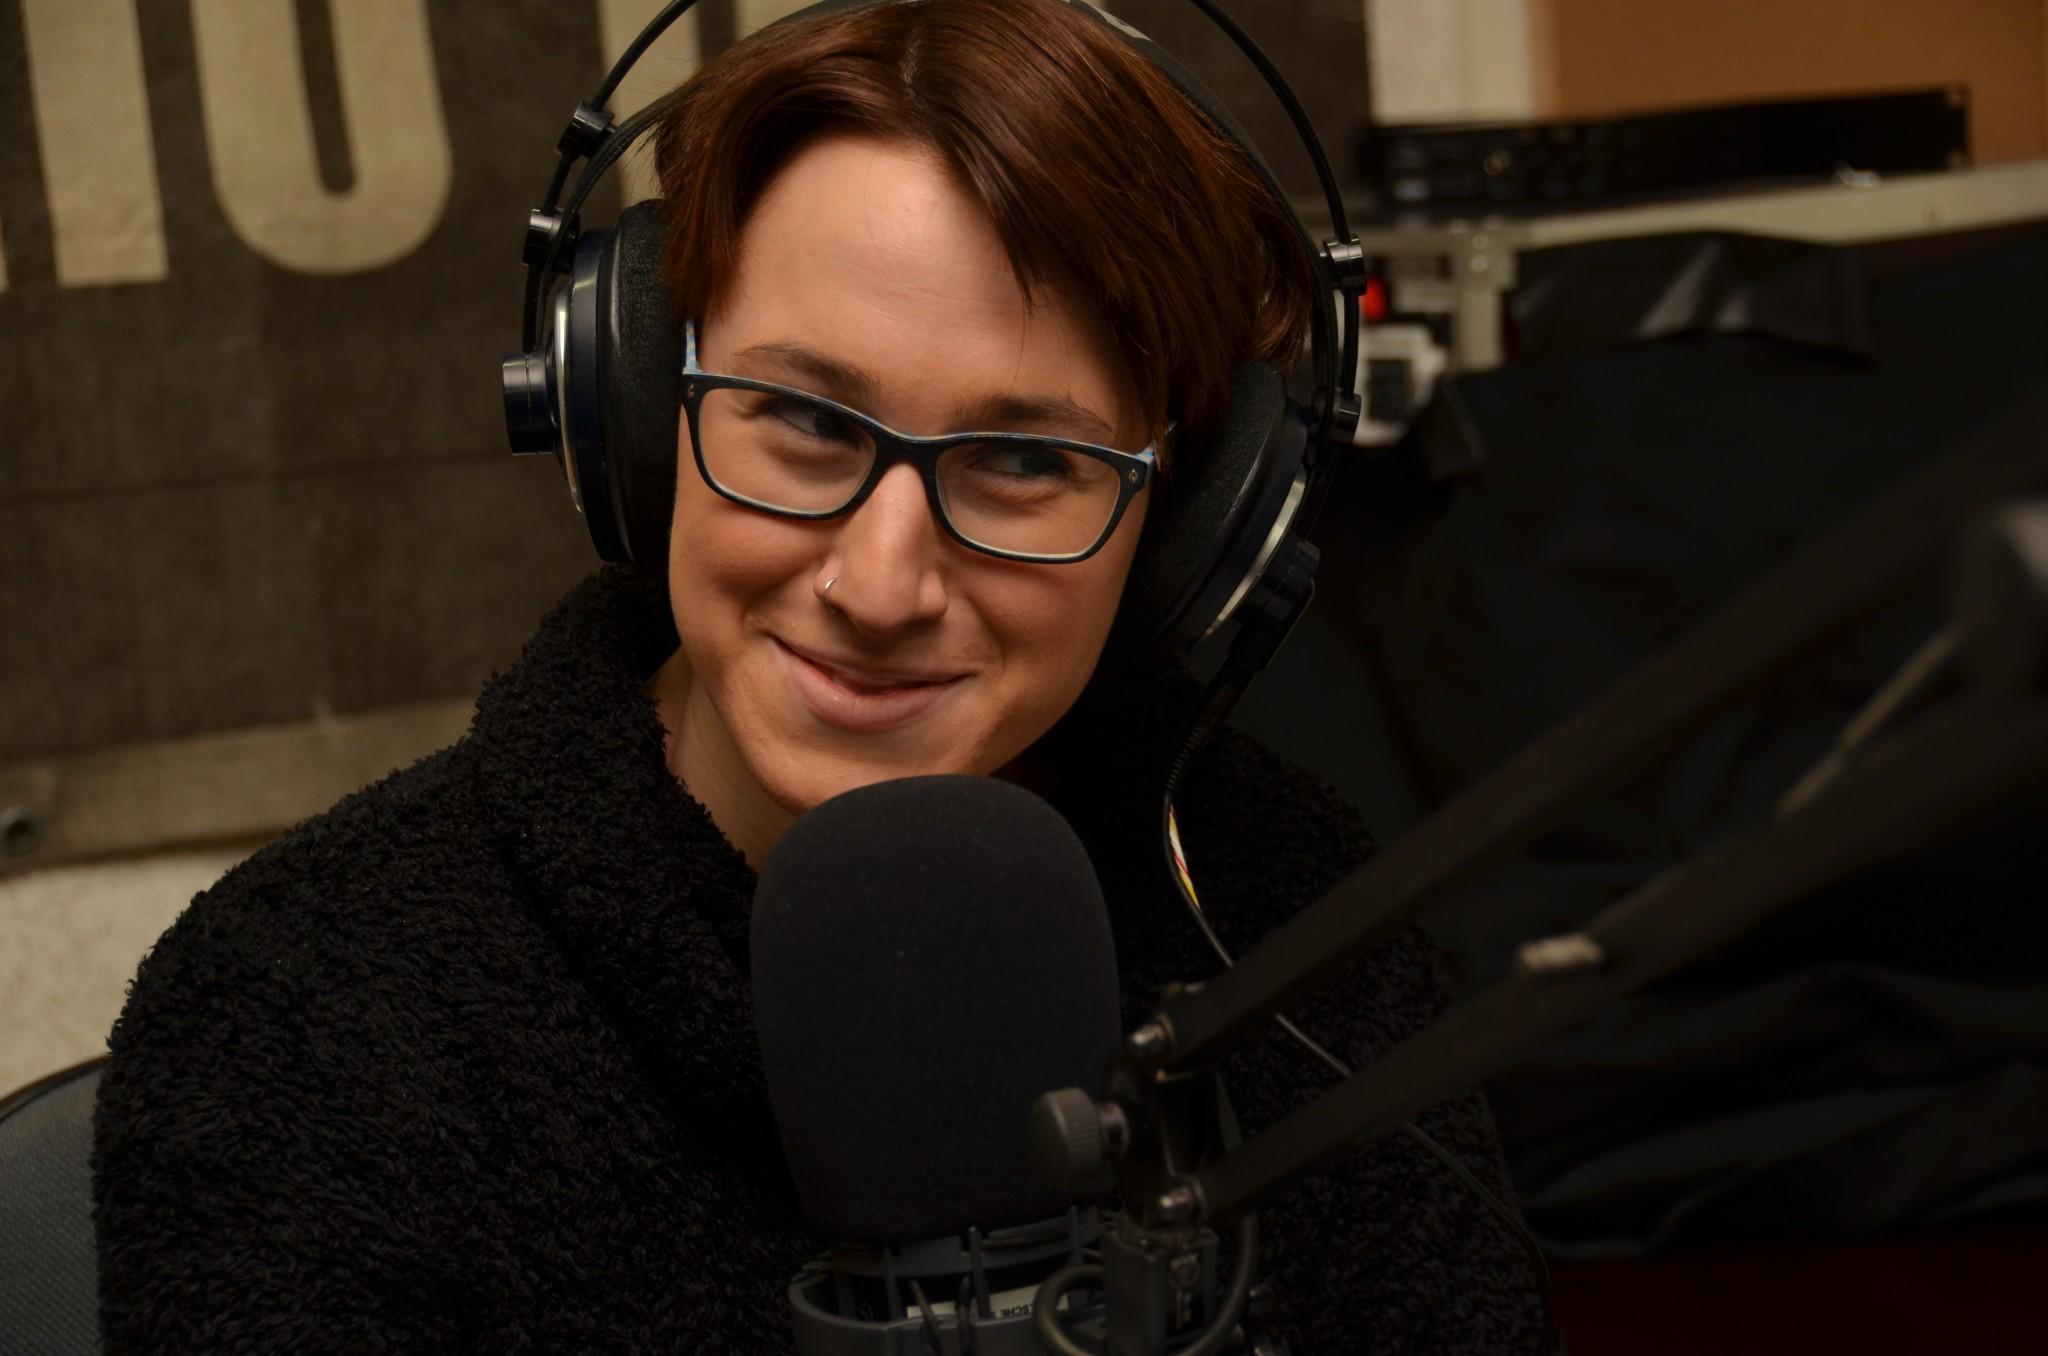 Sexuelle Belästigung: Erkennen und Entgegentreten - Radio FRO